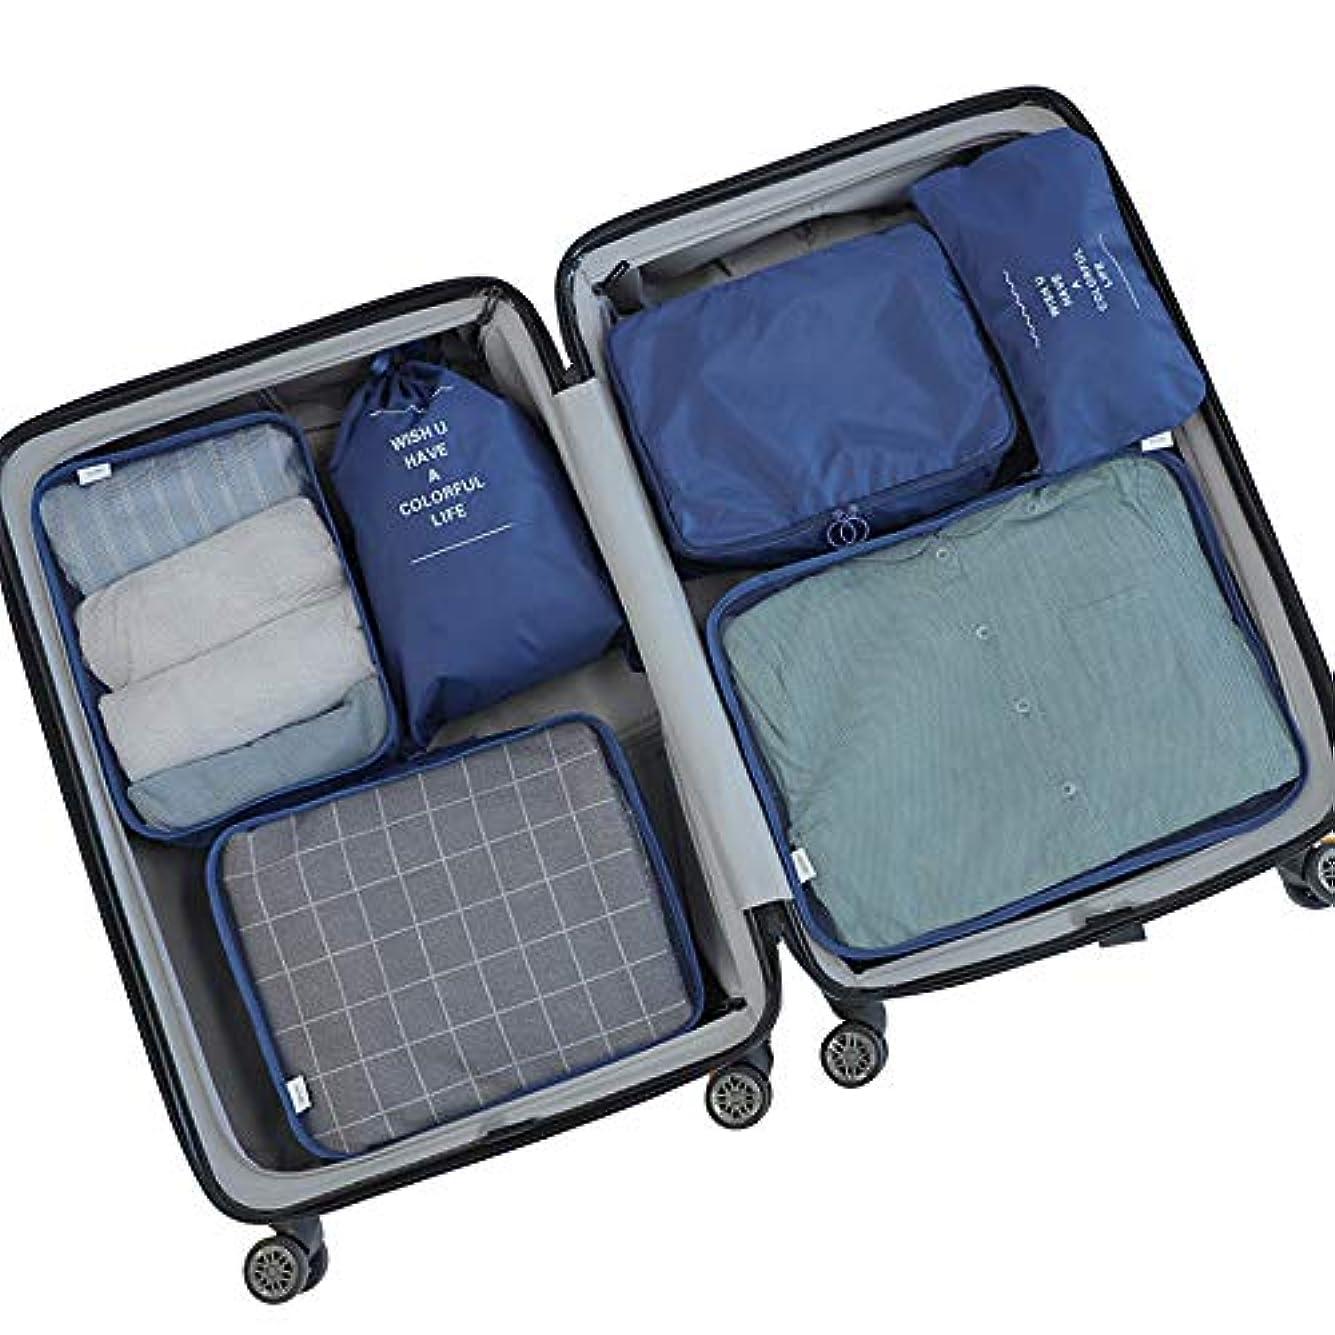 ブローホール警戒レタストラベルポーチ 6点セット 収納ポーチ 旅行用 衣類 バッグ ケース 化粧ポーチ メンズ 大容量 防水